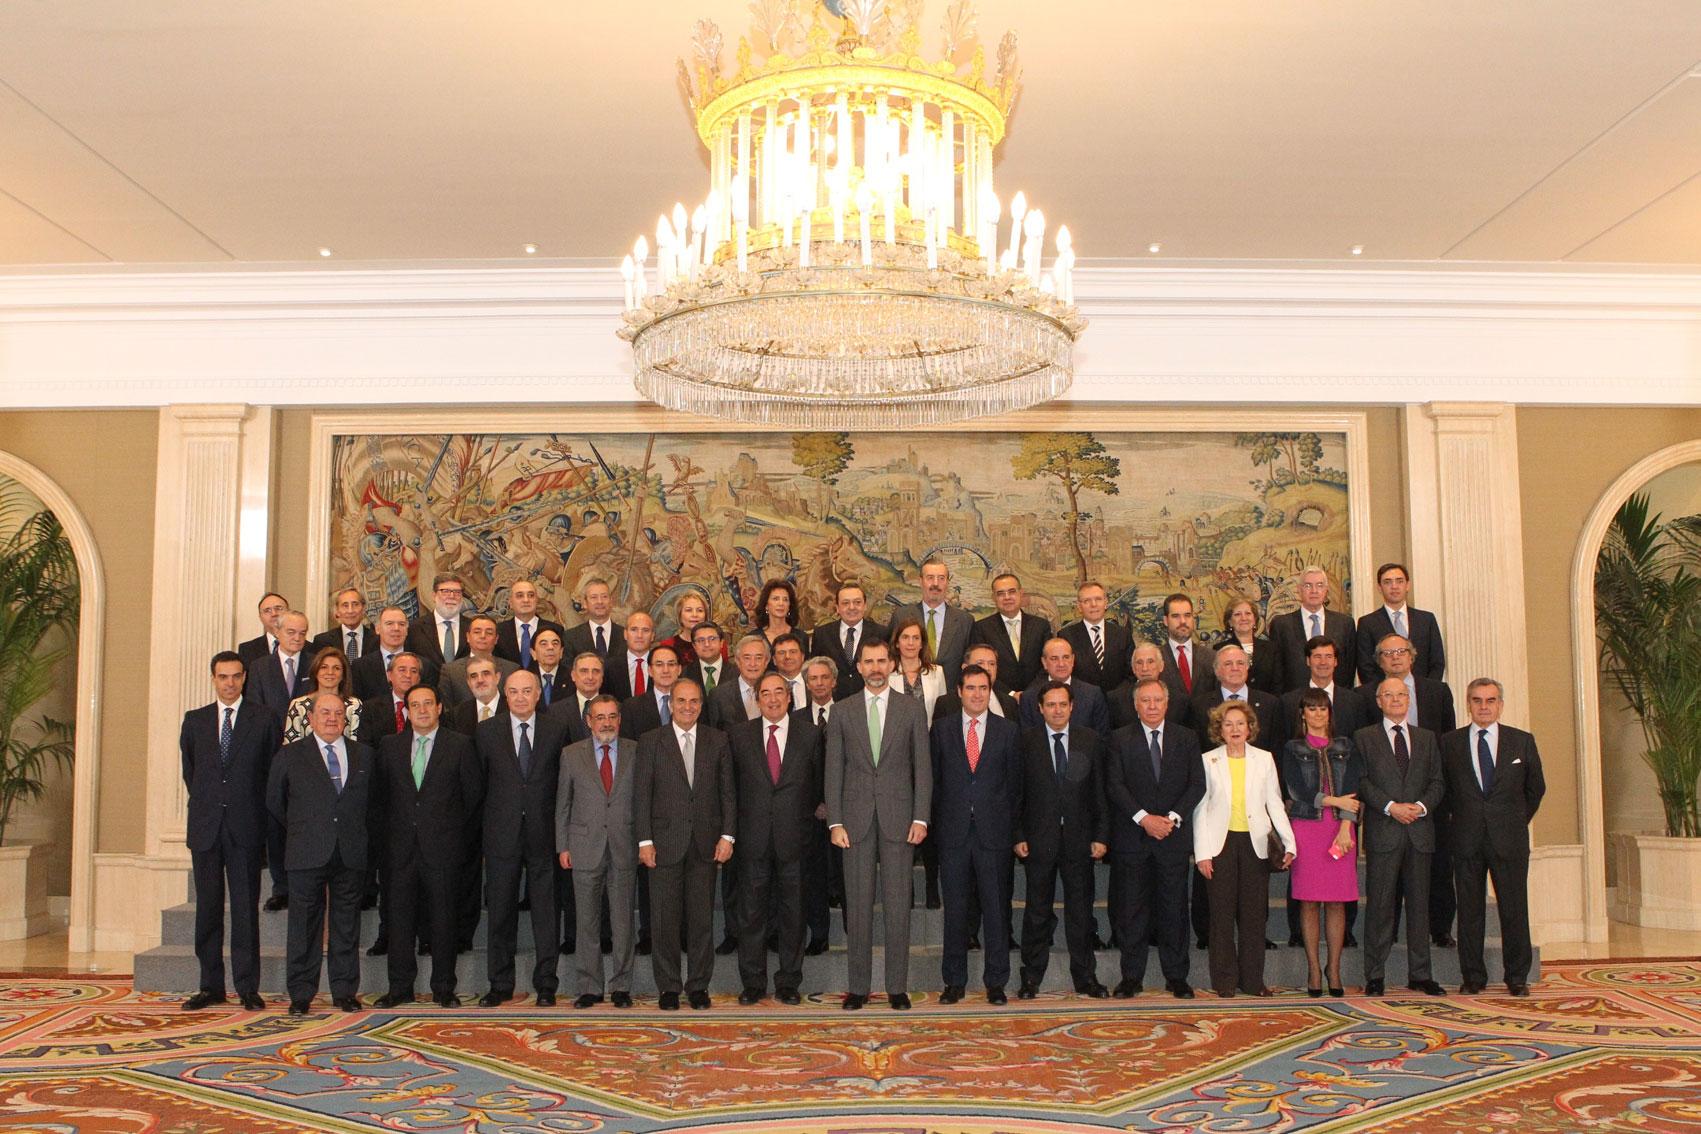 Stanpa, miembro del comité ejecutivo de la CEOE, recibida por S.M. El Rey.